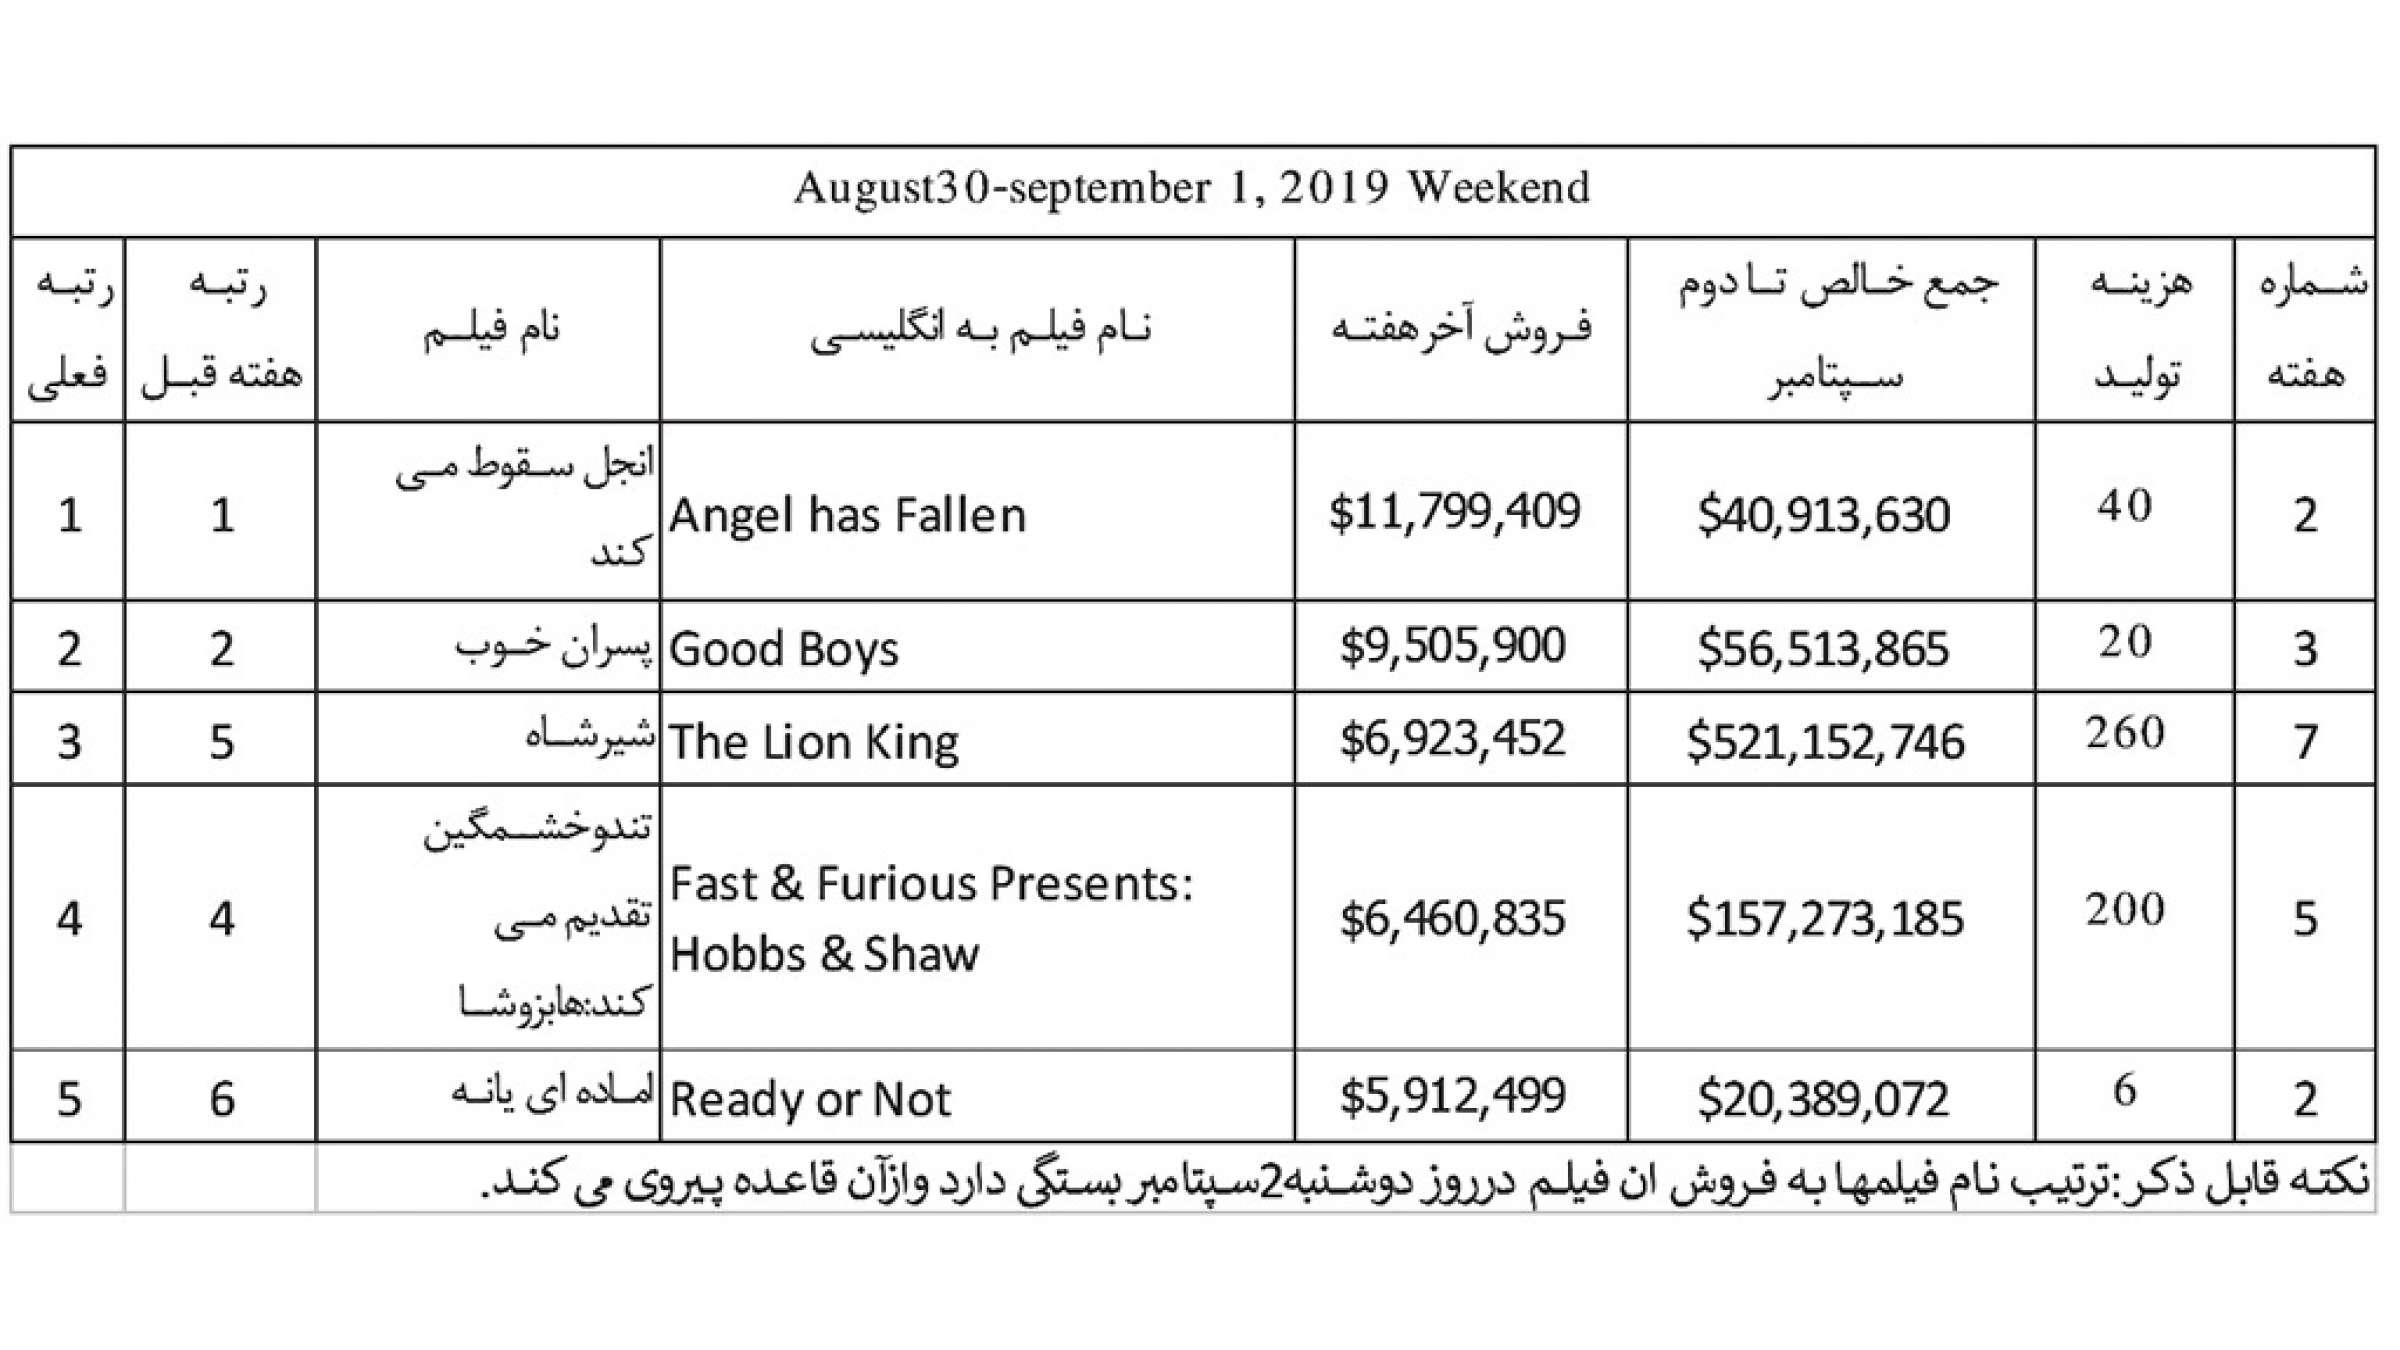 فیلم-ناظمزاده-فروش-گیشه-فیلمهای-ماه-آگوست-2019